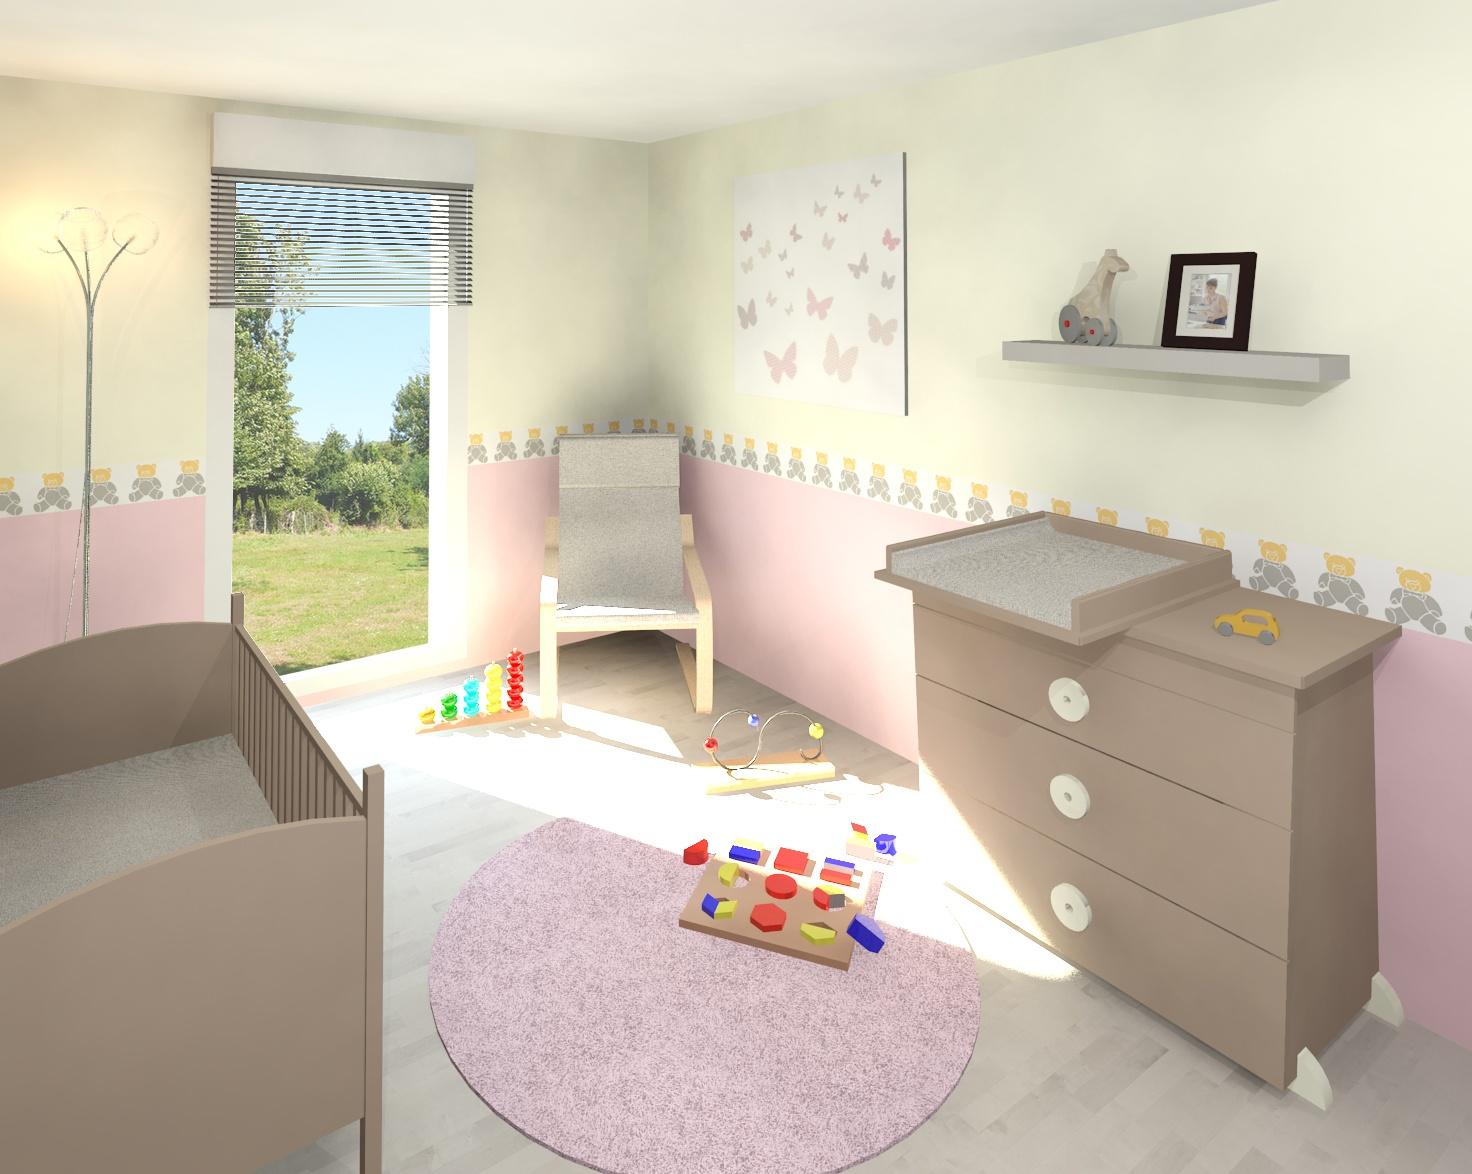 Maisons + Terrains du constructeur MAISON FAMILIALE • 116 m² • CHATEAUNEUF SUR LOIRE